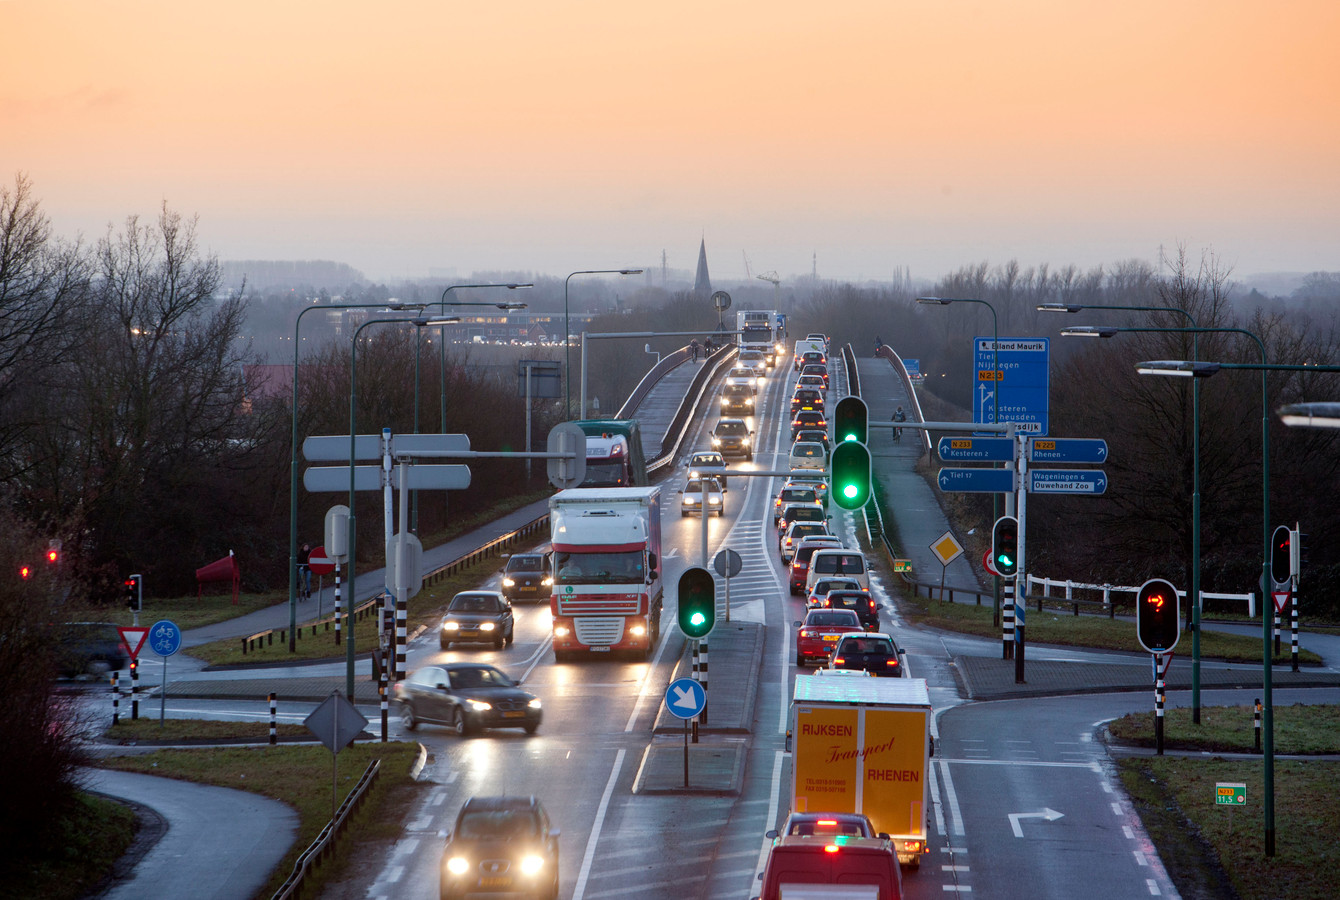 Oppassen voor automobilisten vanuit Rivierenland richting Rhenen: in de nacht van woensdag op donderdag gaat de afslag naar Wageningen dicht.